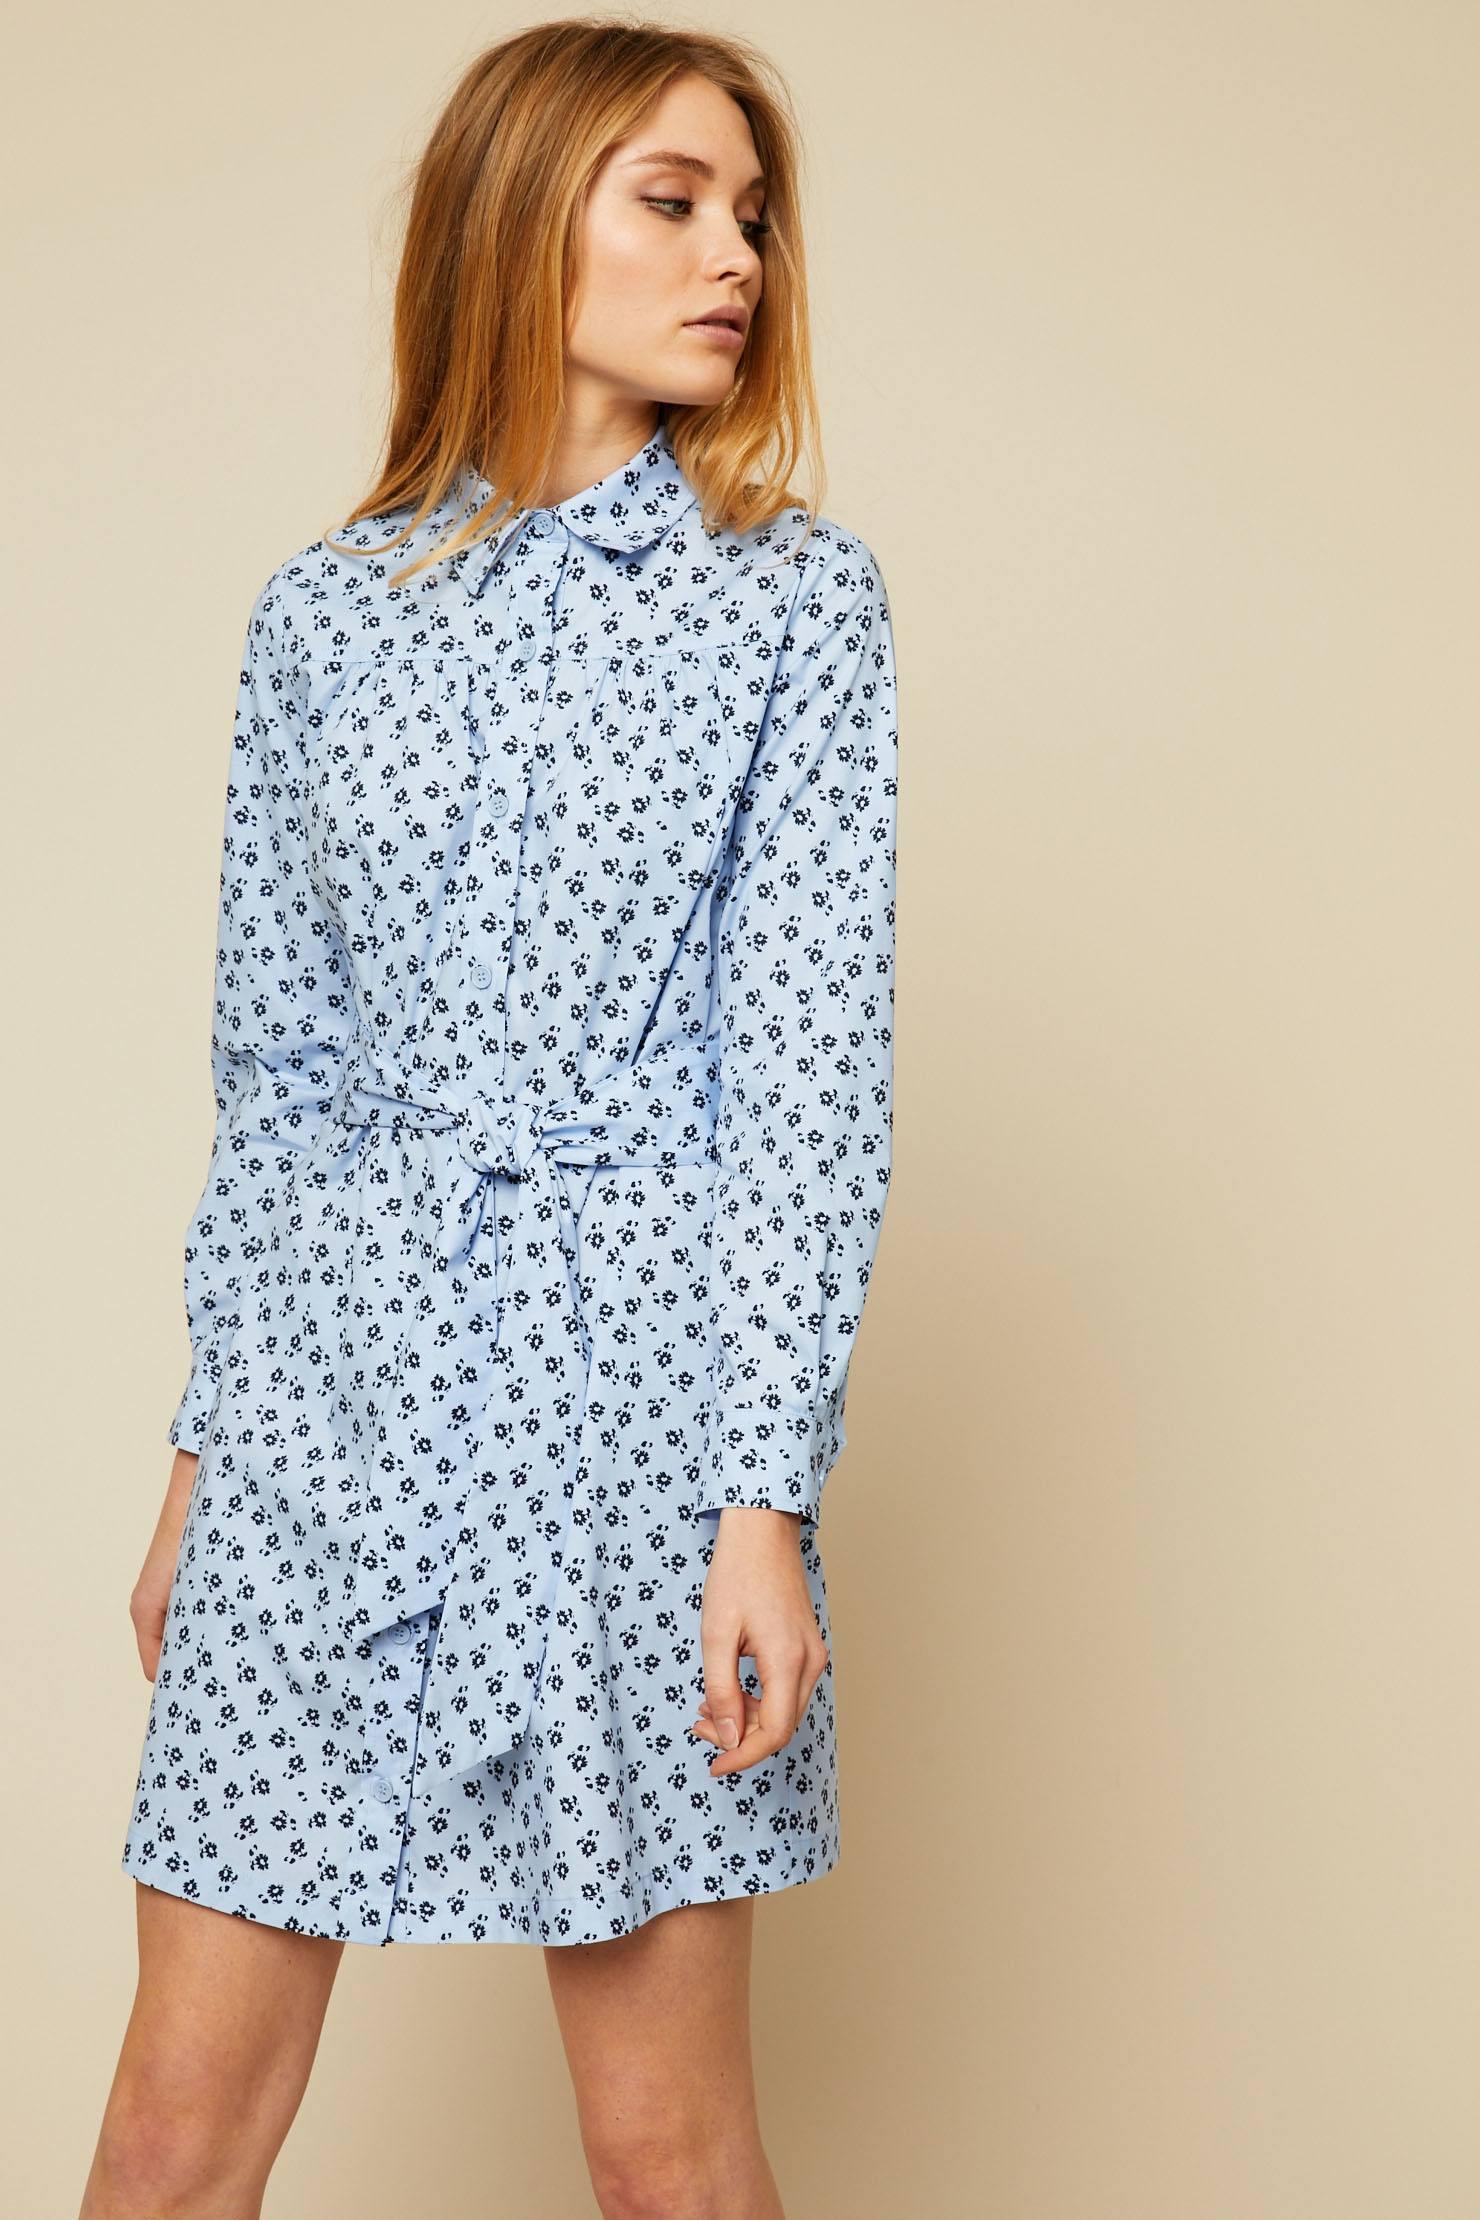 MAX&Co. Dedurre Robe ceinturée imprimé floral bleu